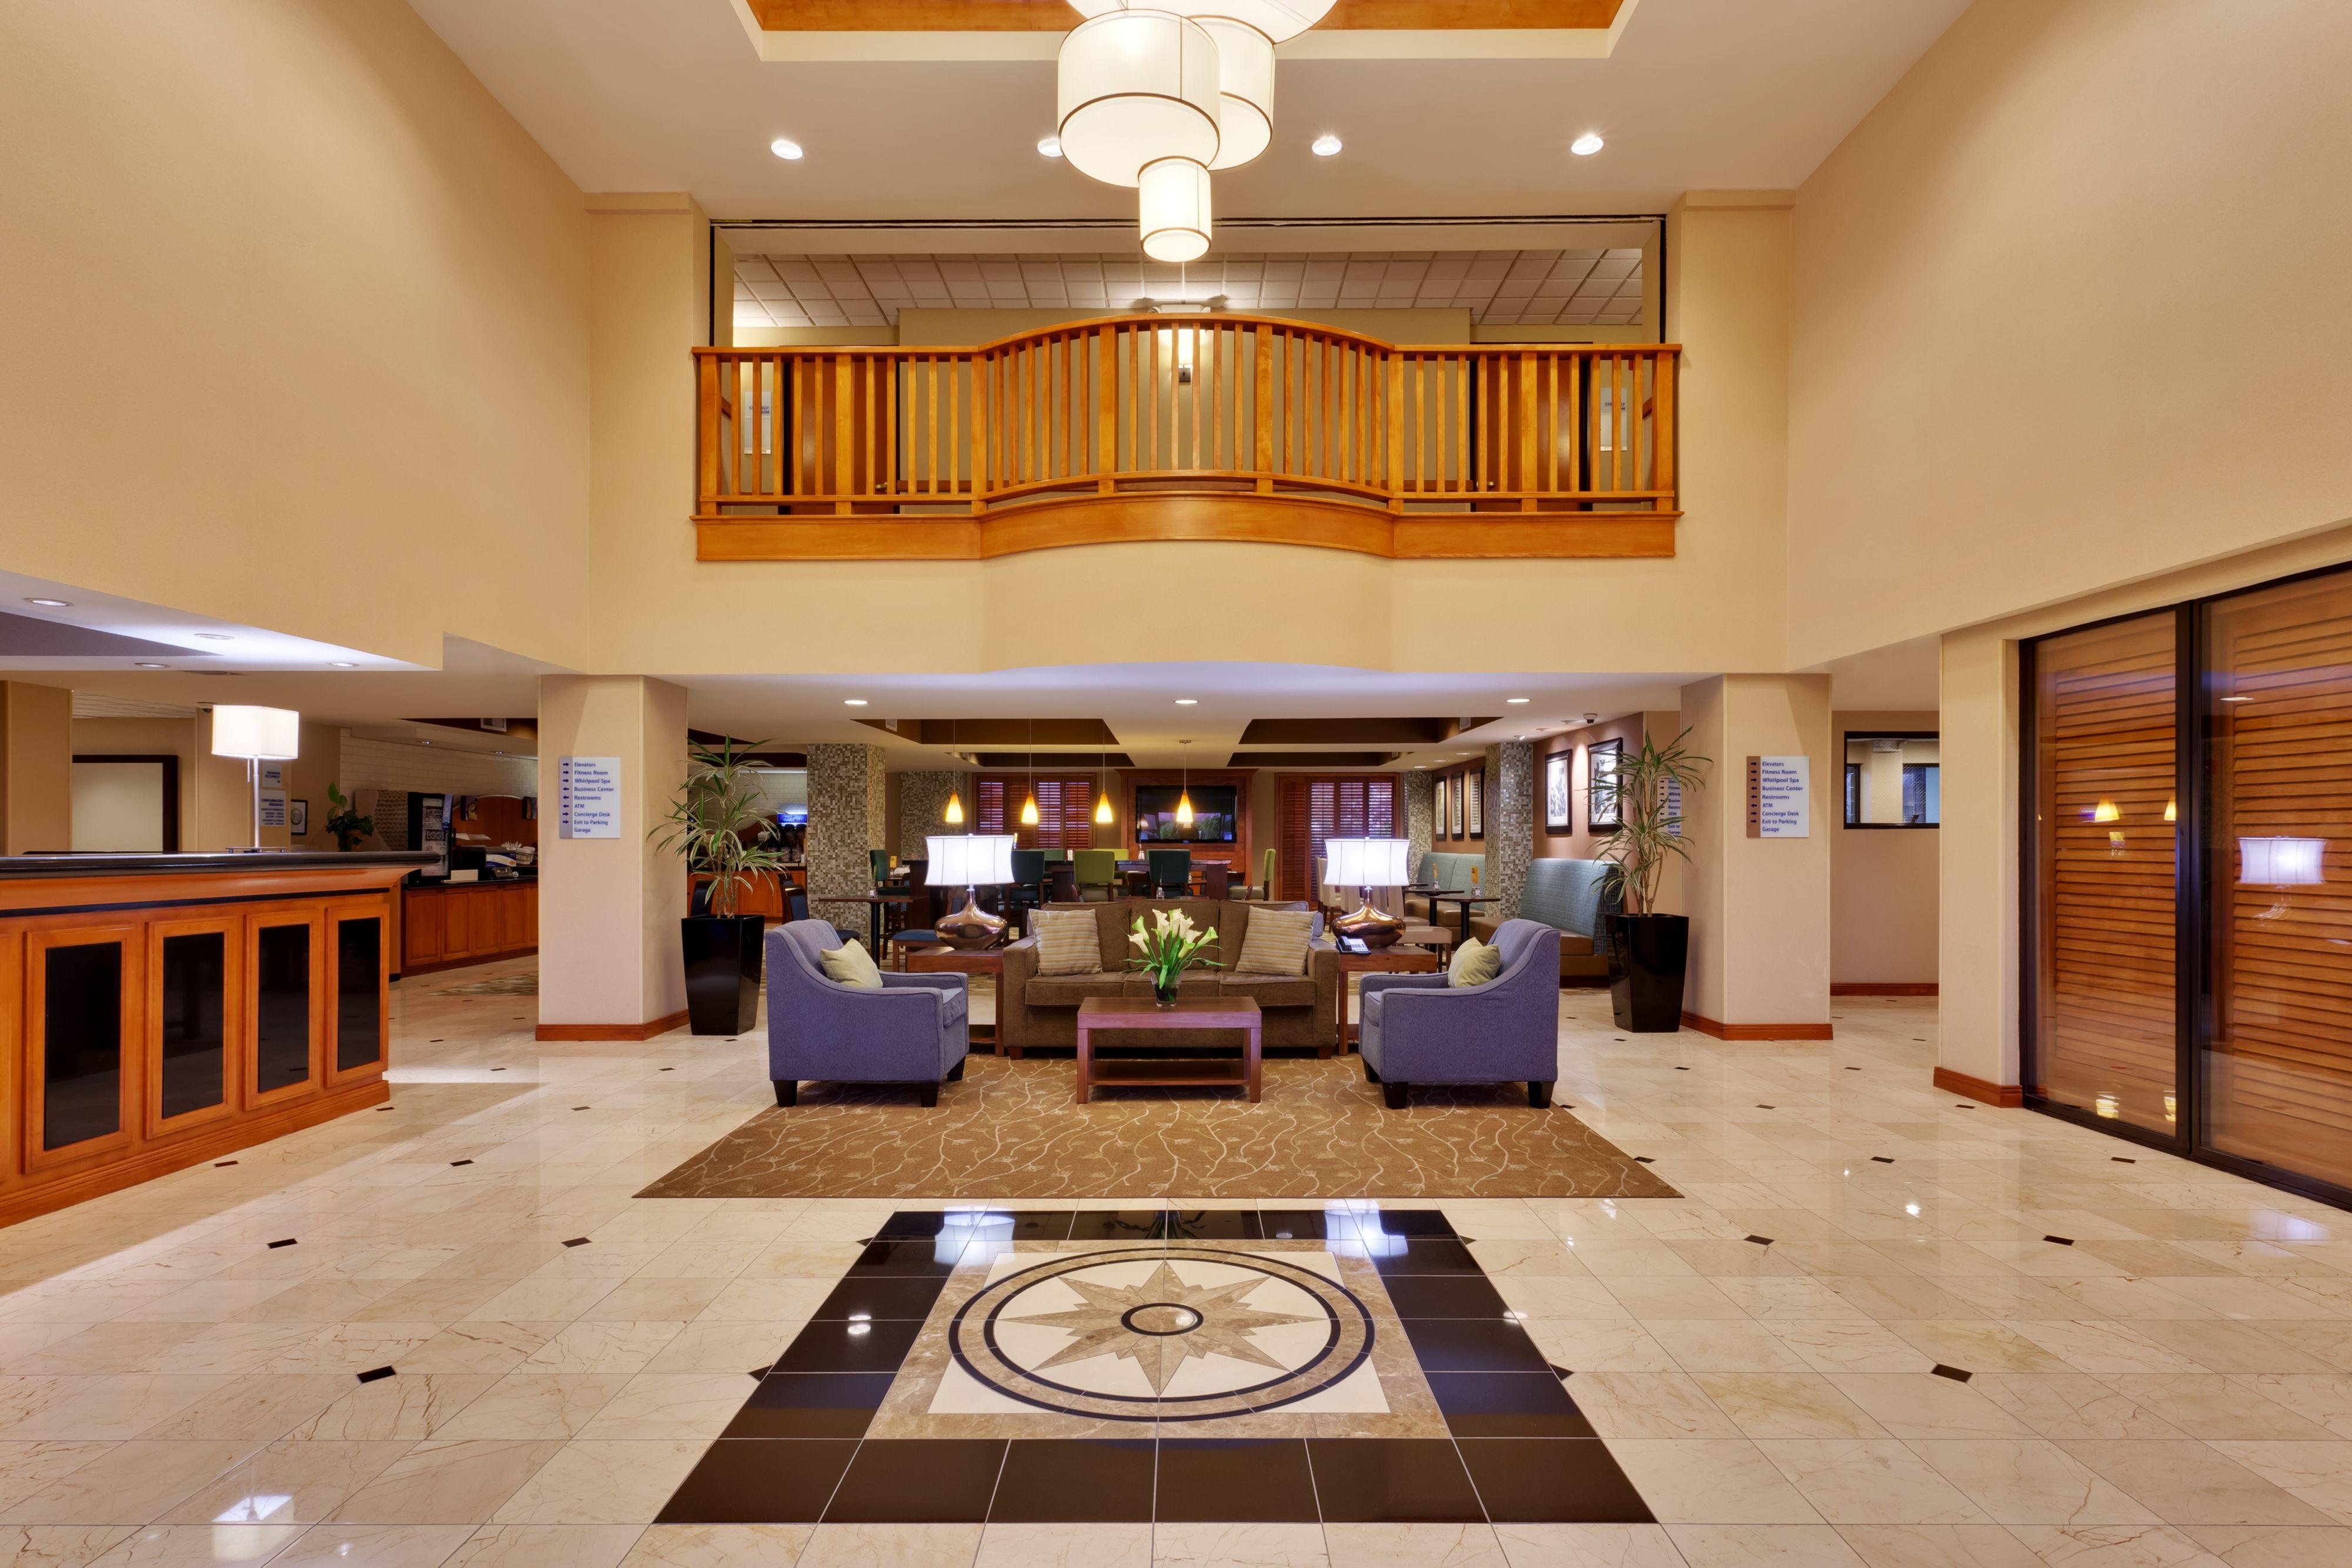 Holiday Inn Express San Francisco-Airport North image 4